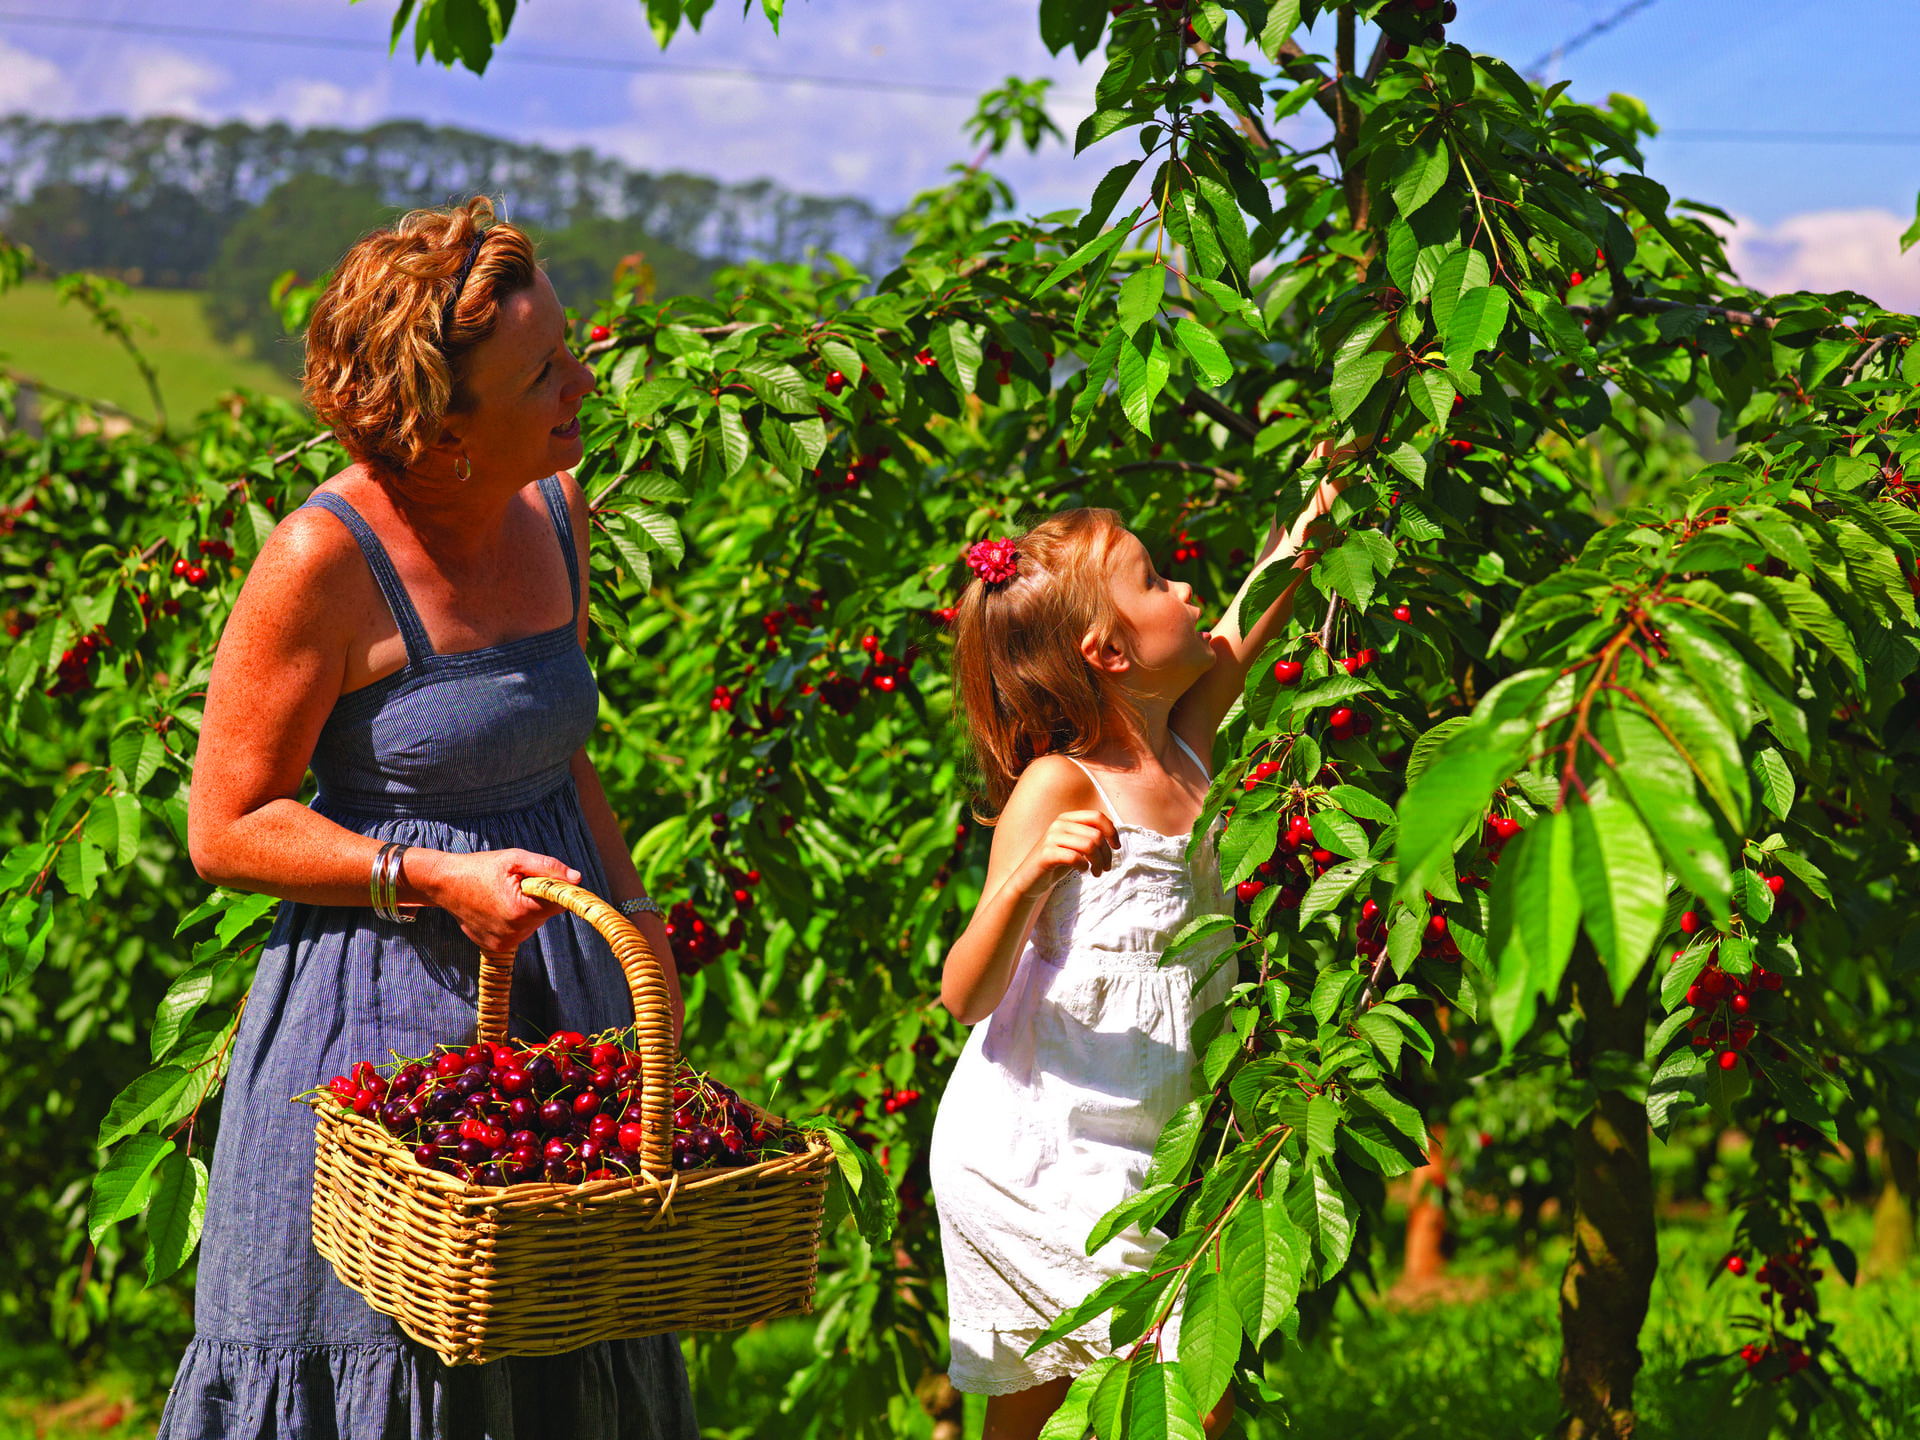 Hái cherry ở Vườn Trái Cây Bacchus Marsh